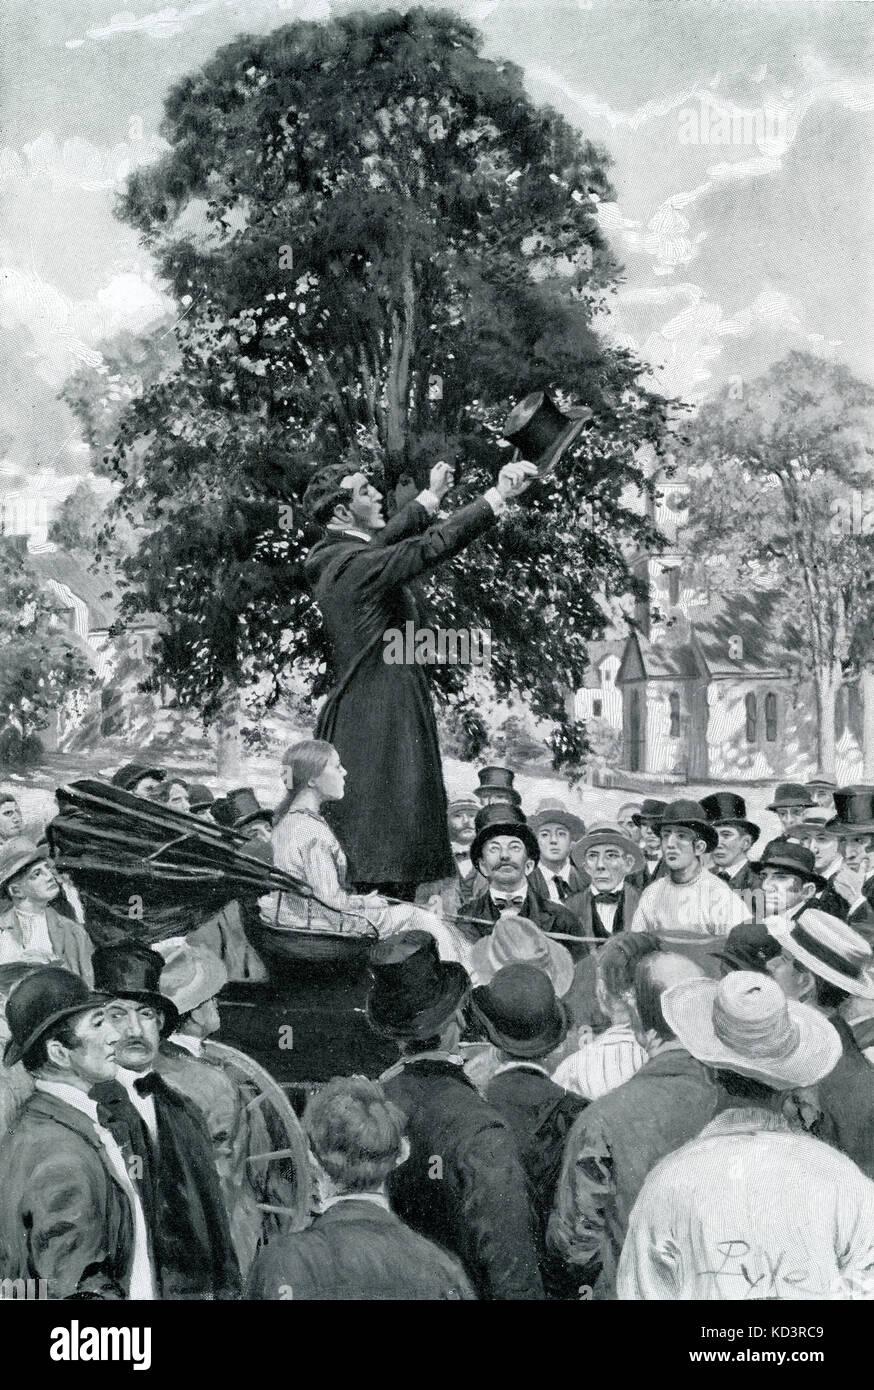 Le major Henry Young, officier de l'armée fédéraliste, recrute des soldats. La légende se lit : « la nation est en guerre et doit avoir des hommes ». Guerre civile américaine 1861 - 1865. Illustration de Howard Pyle, 1909 Banque D'Images